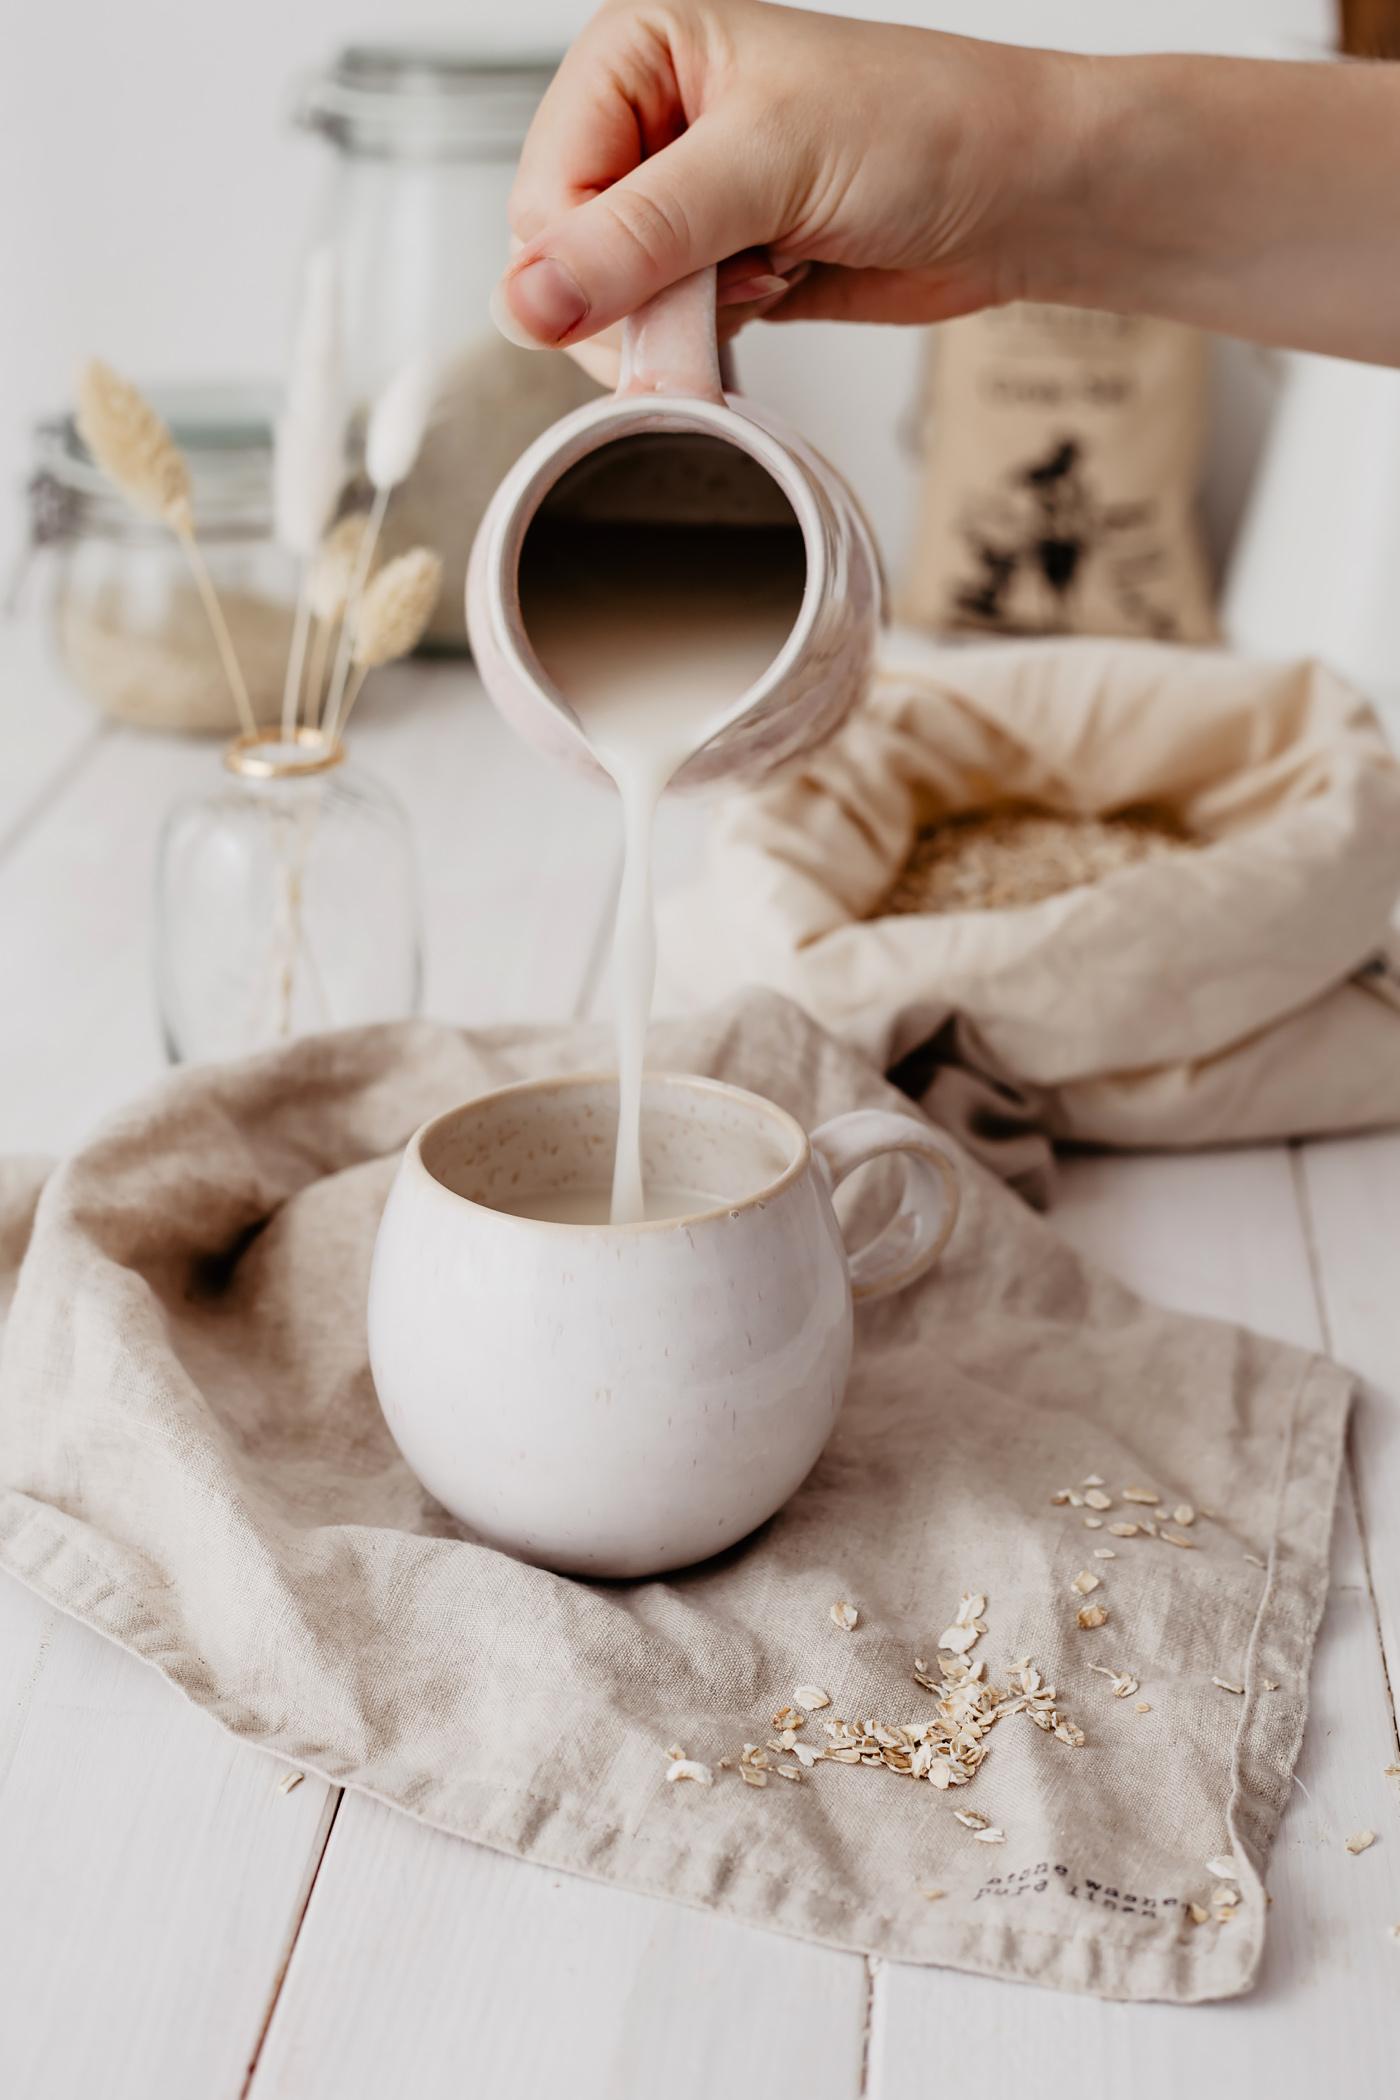 rezept hafermilch selber machen